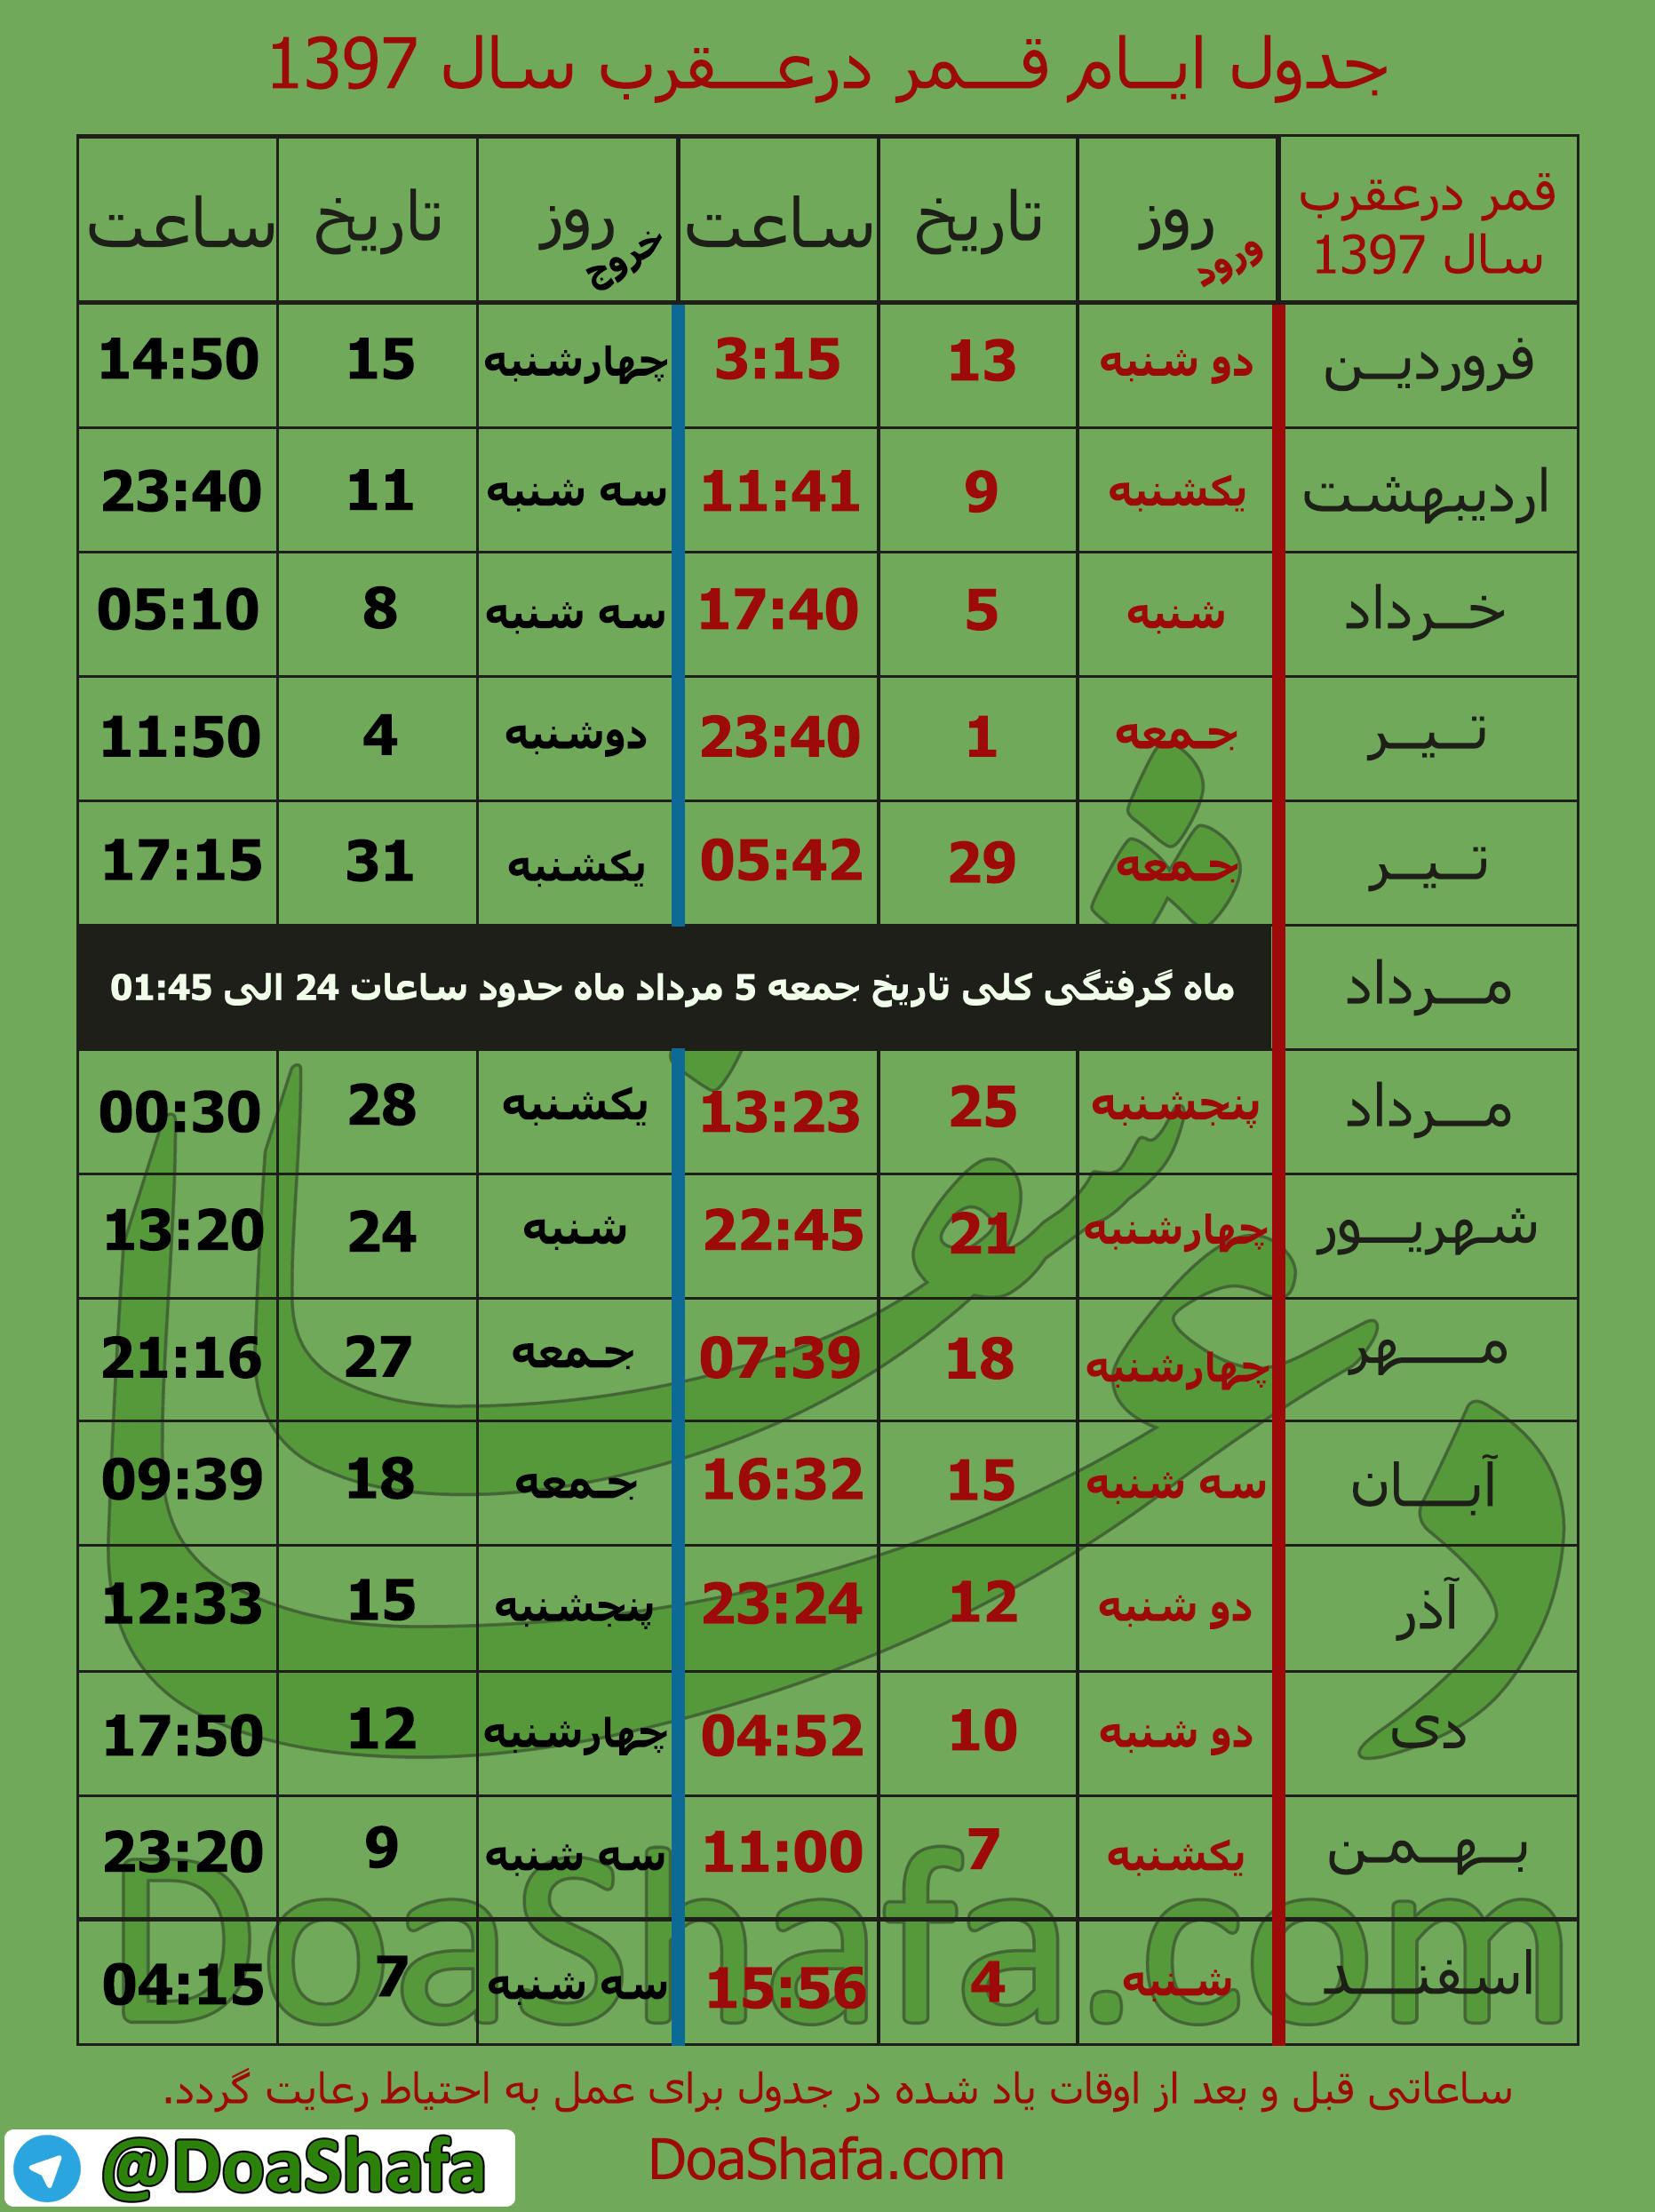 جدول و تقویم کامل روزهای قمر در عقرب سال۹۷